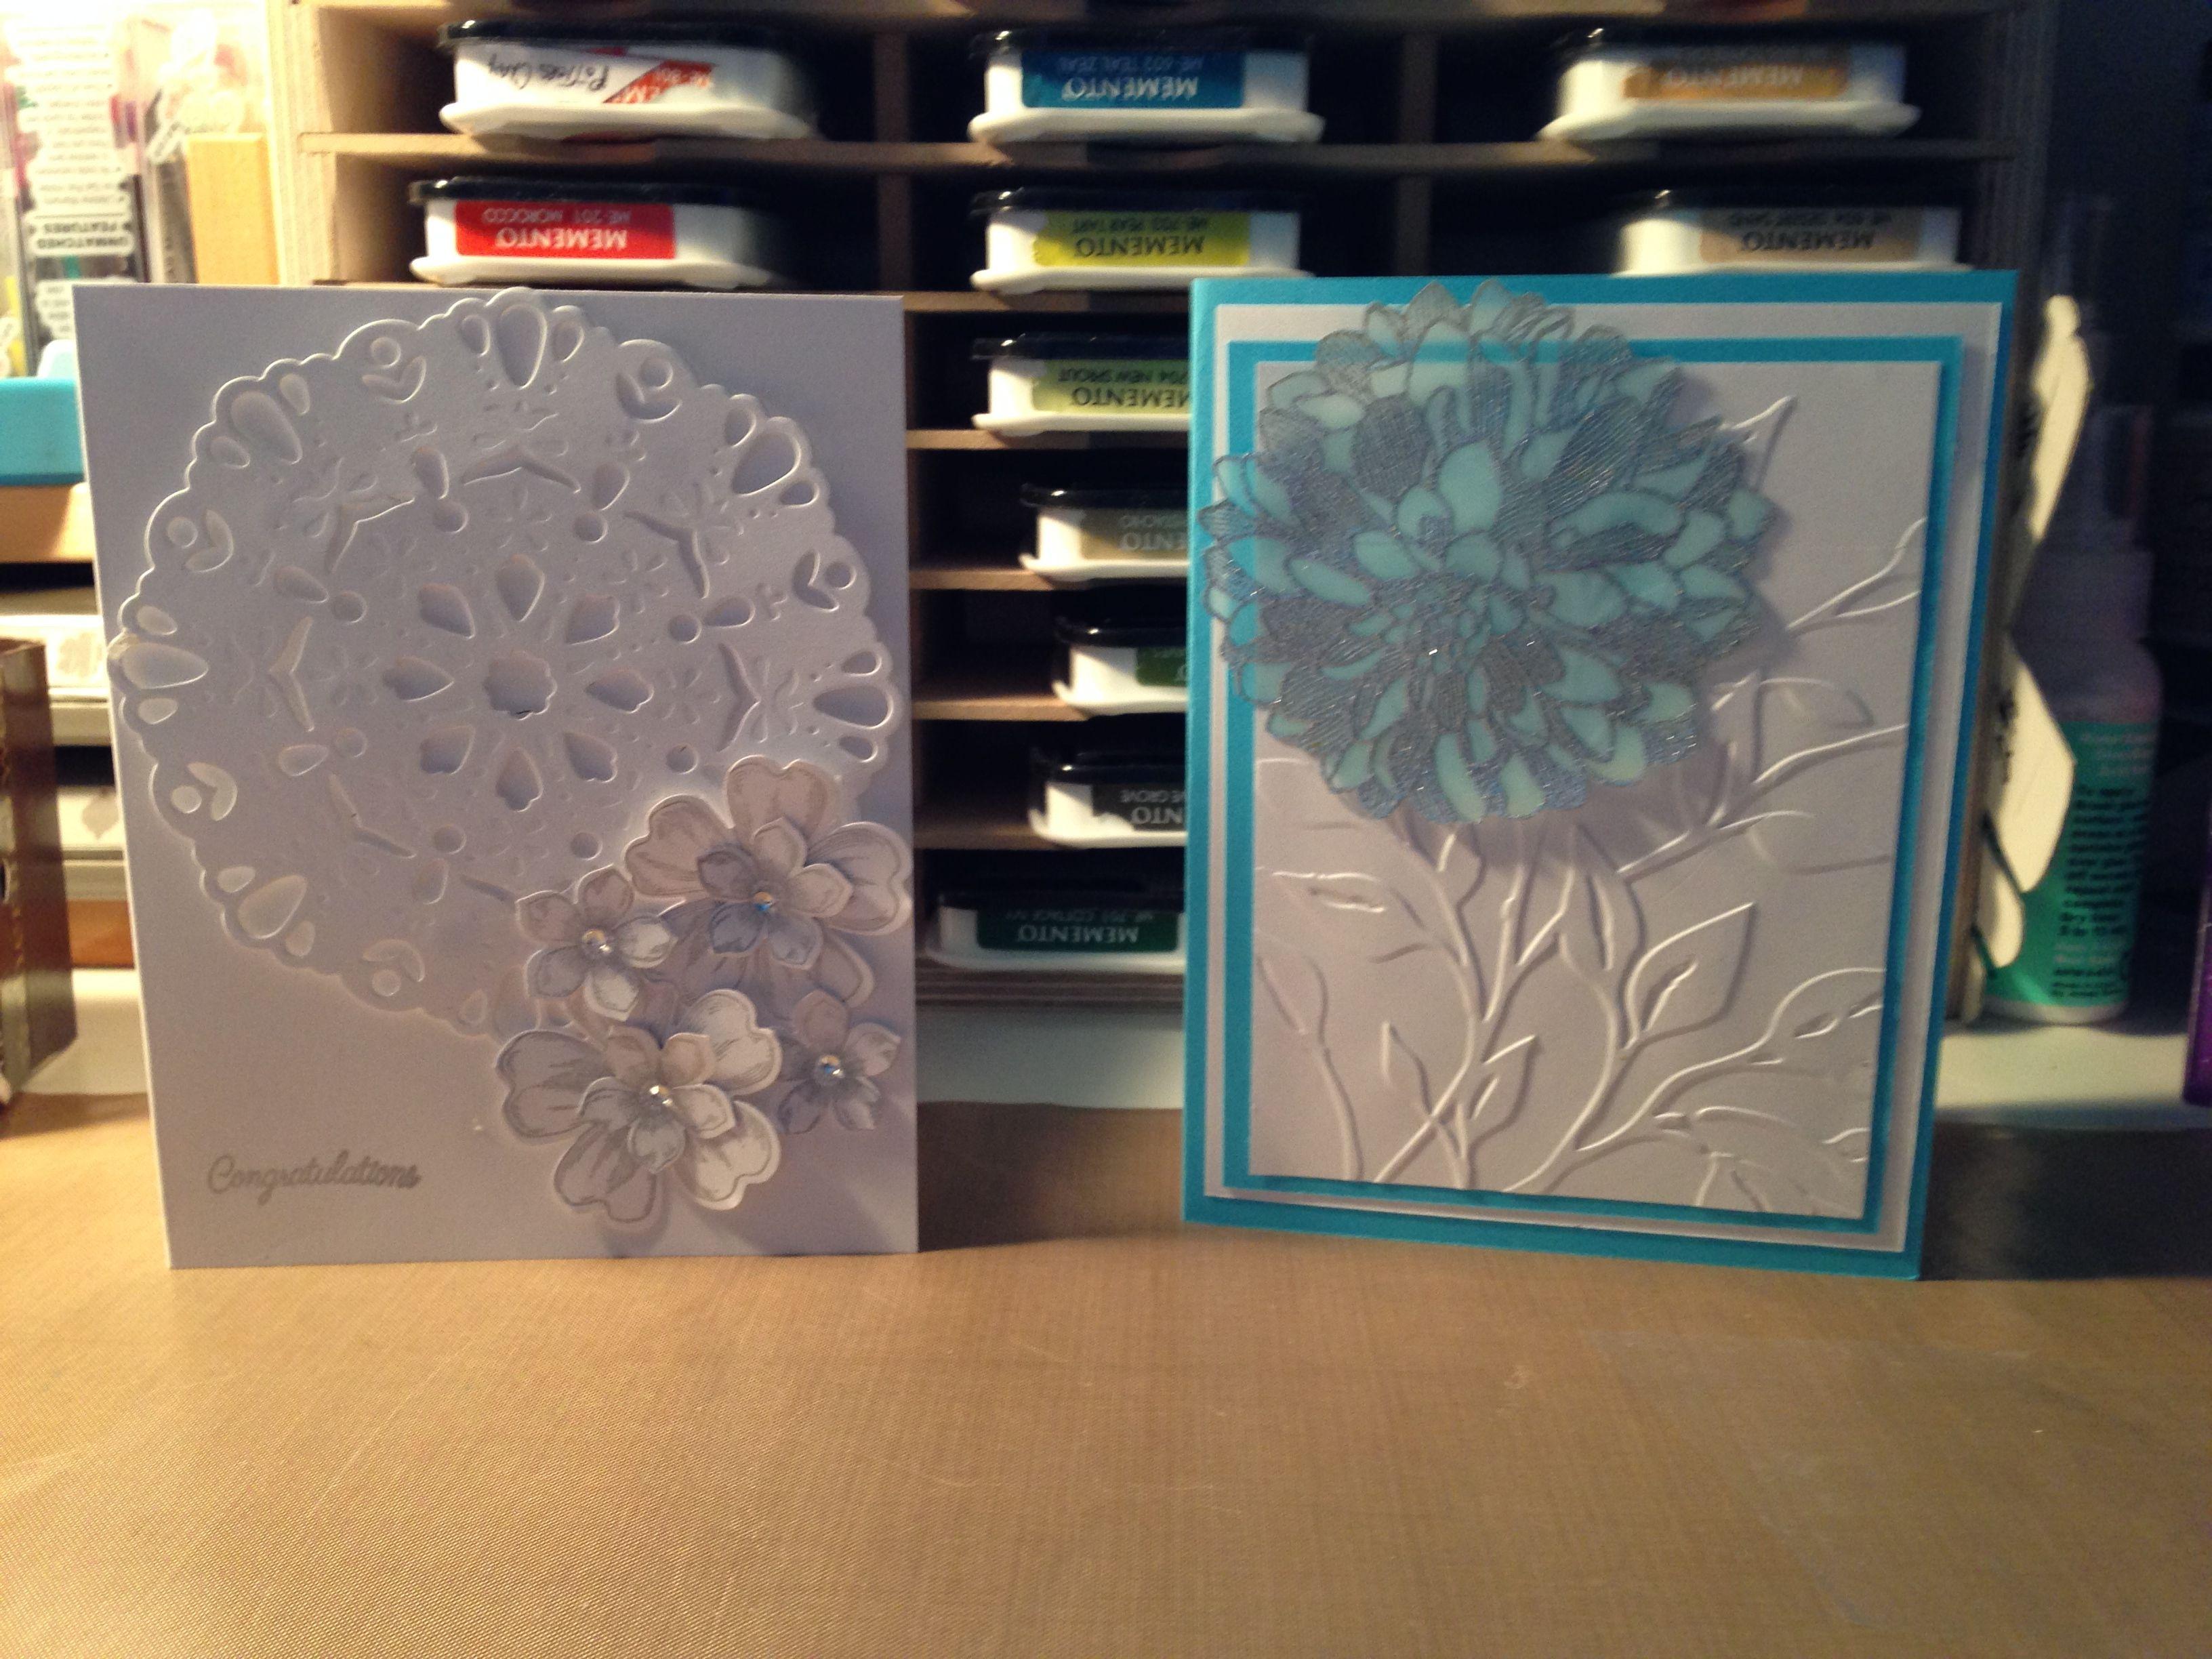 Cards made with SU darling doily and regarding dahlias